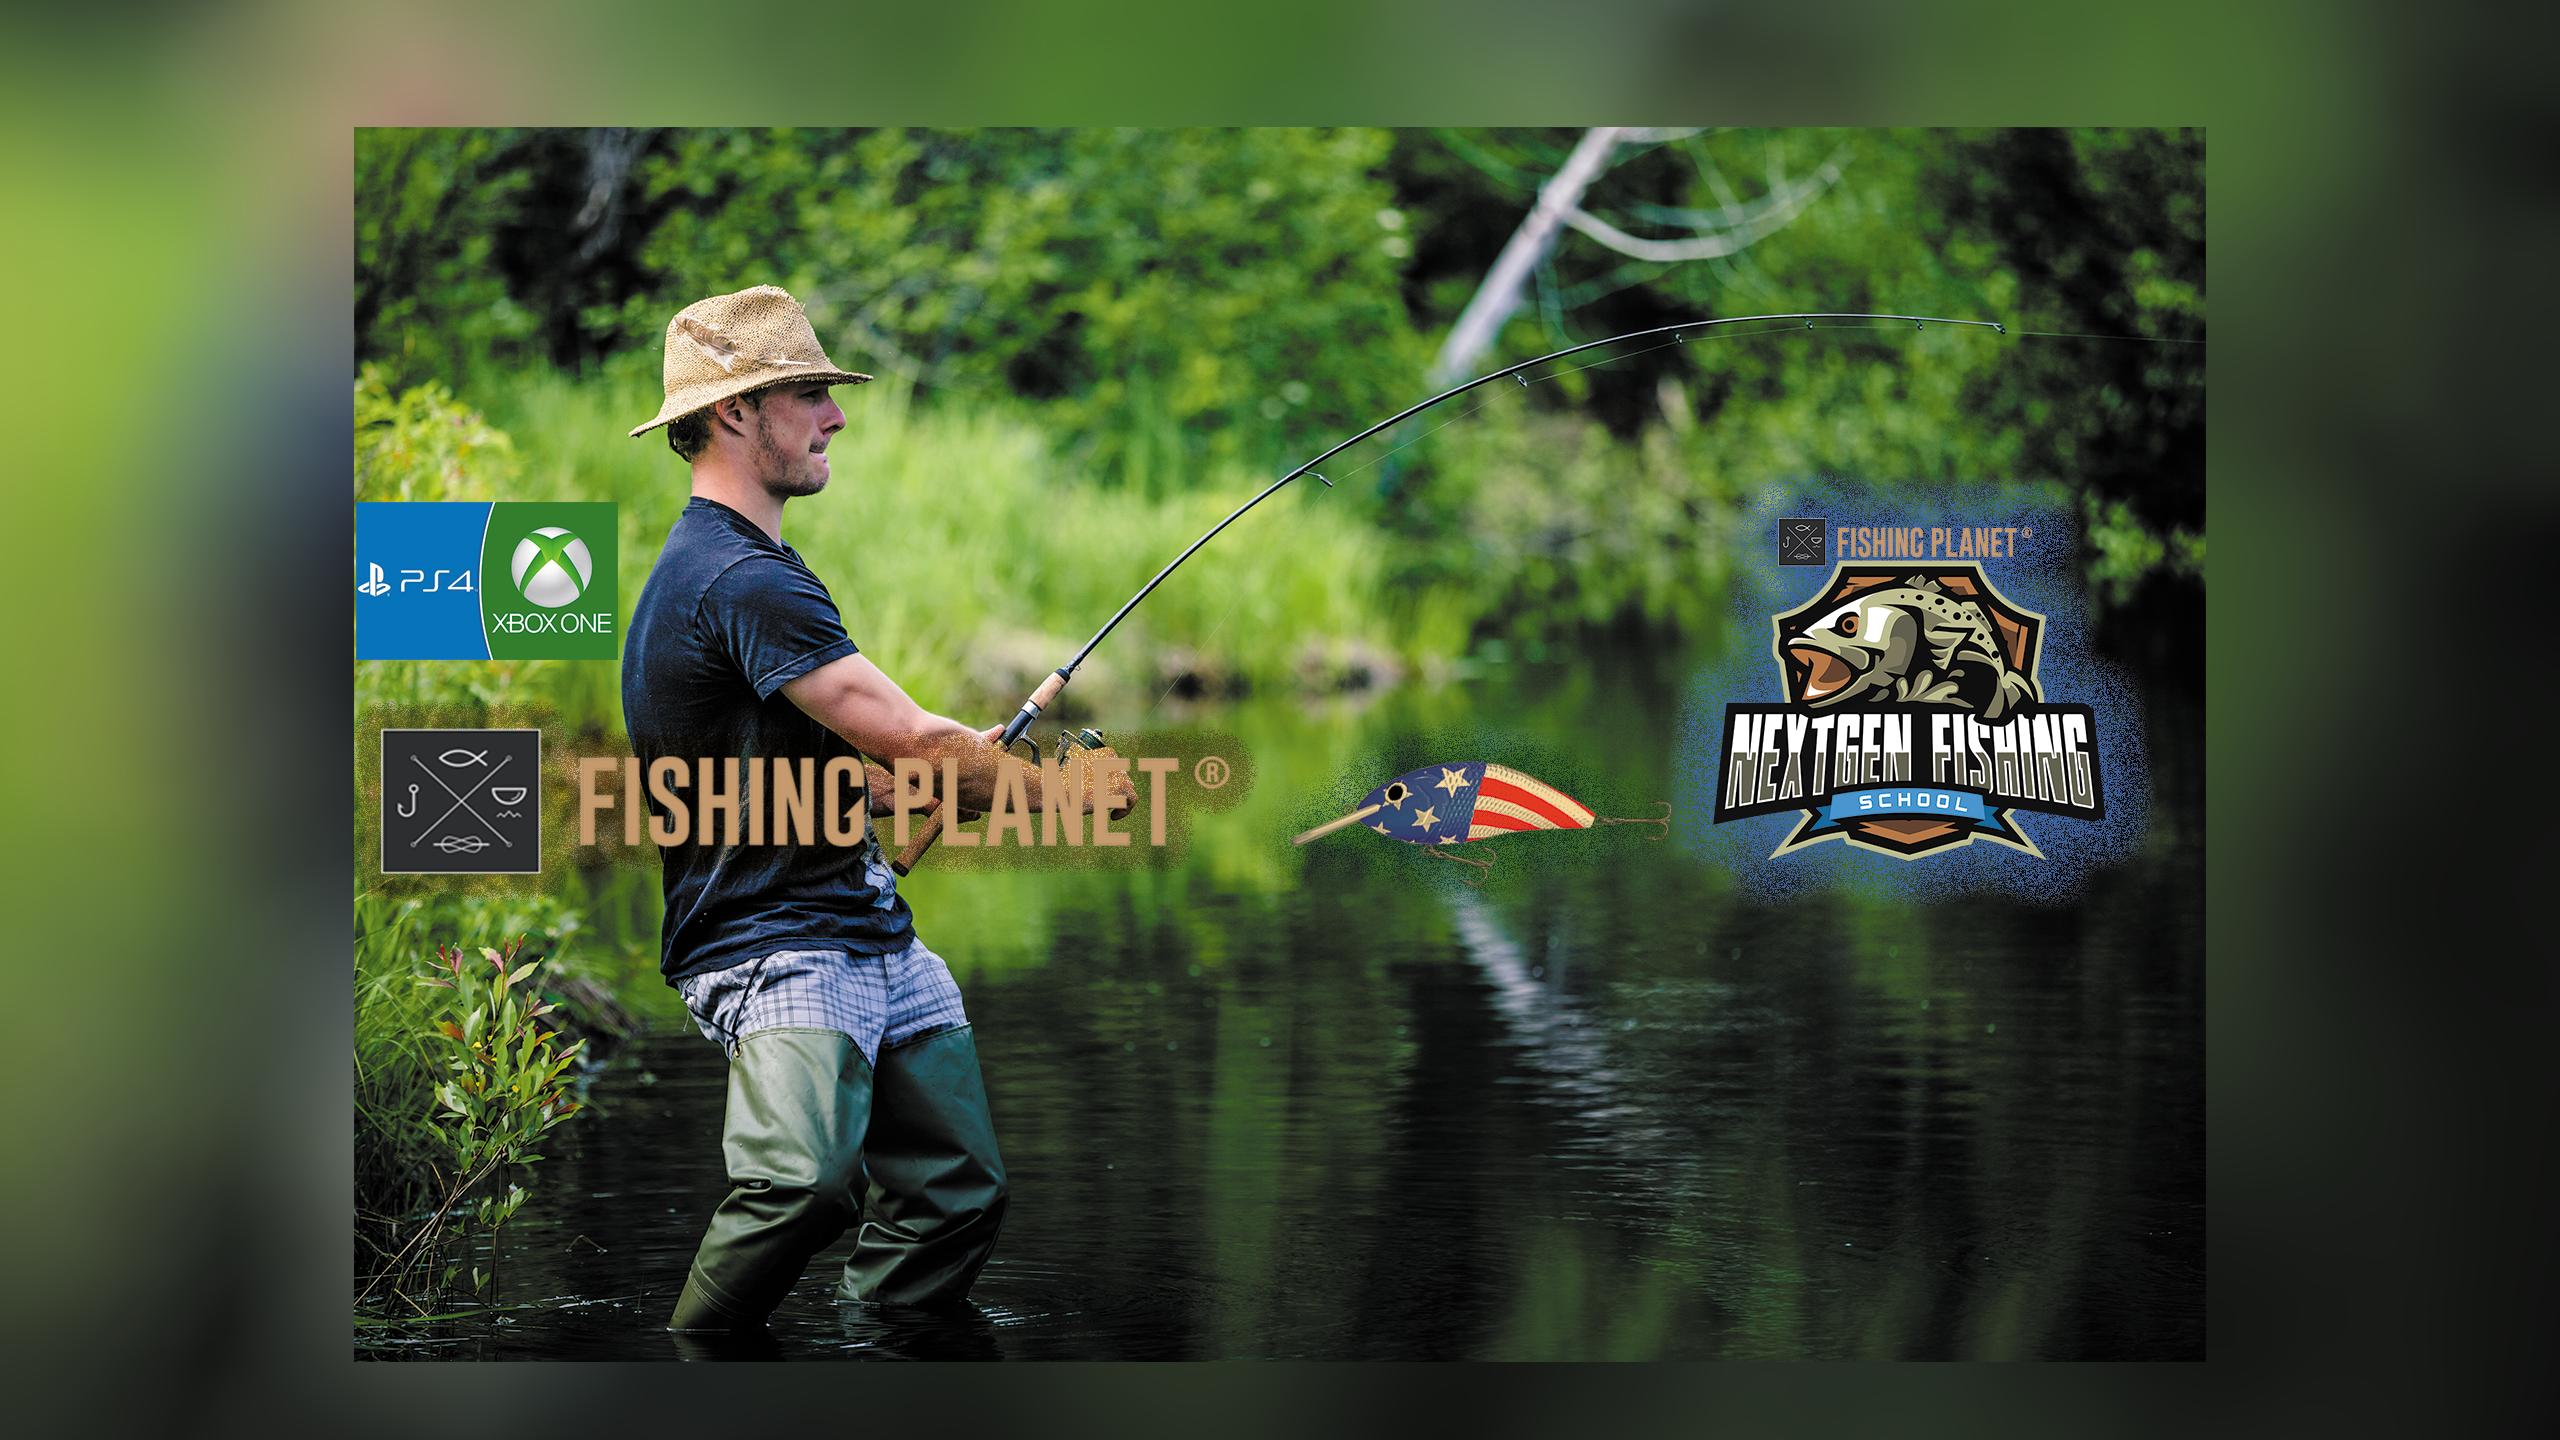 NextGEN Fishing School - PS4 Only